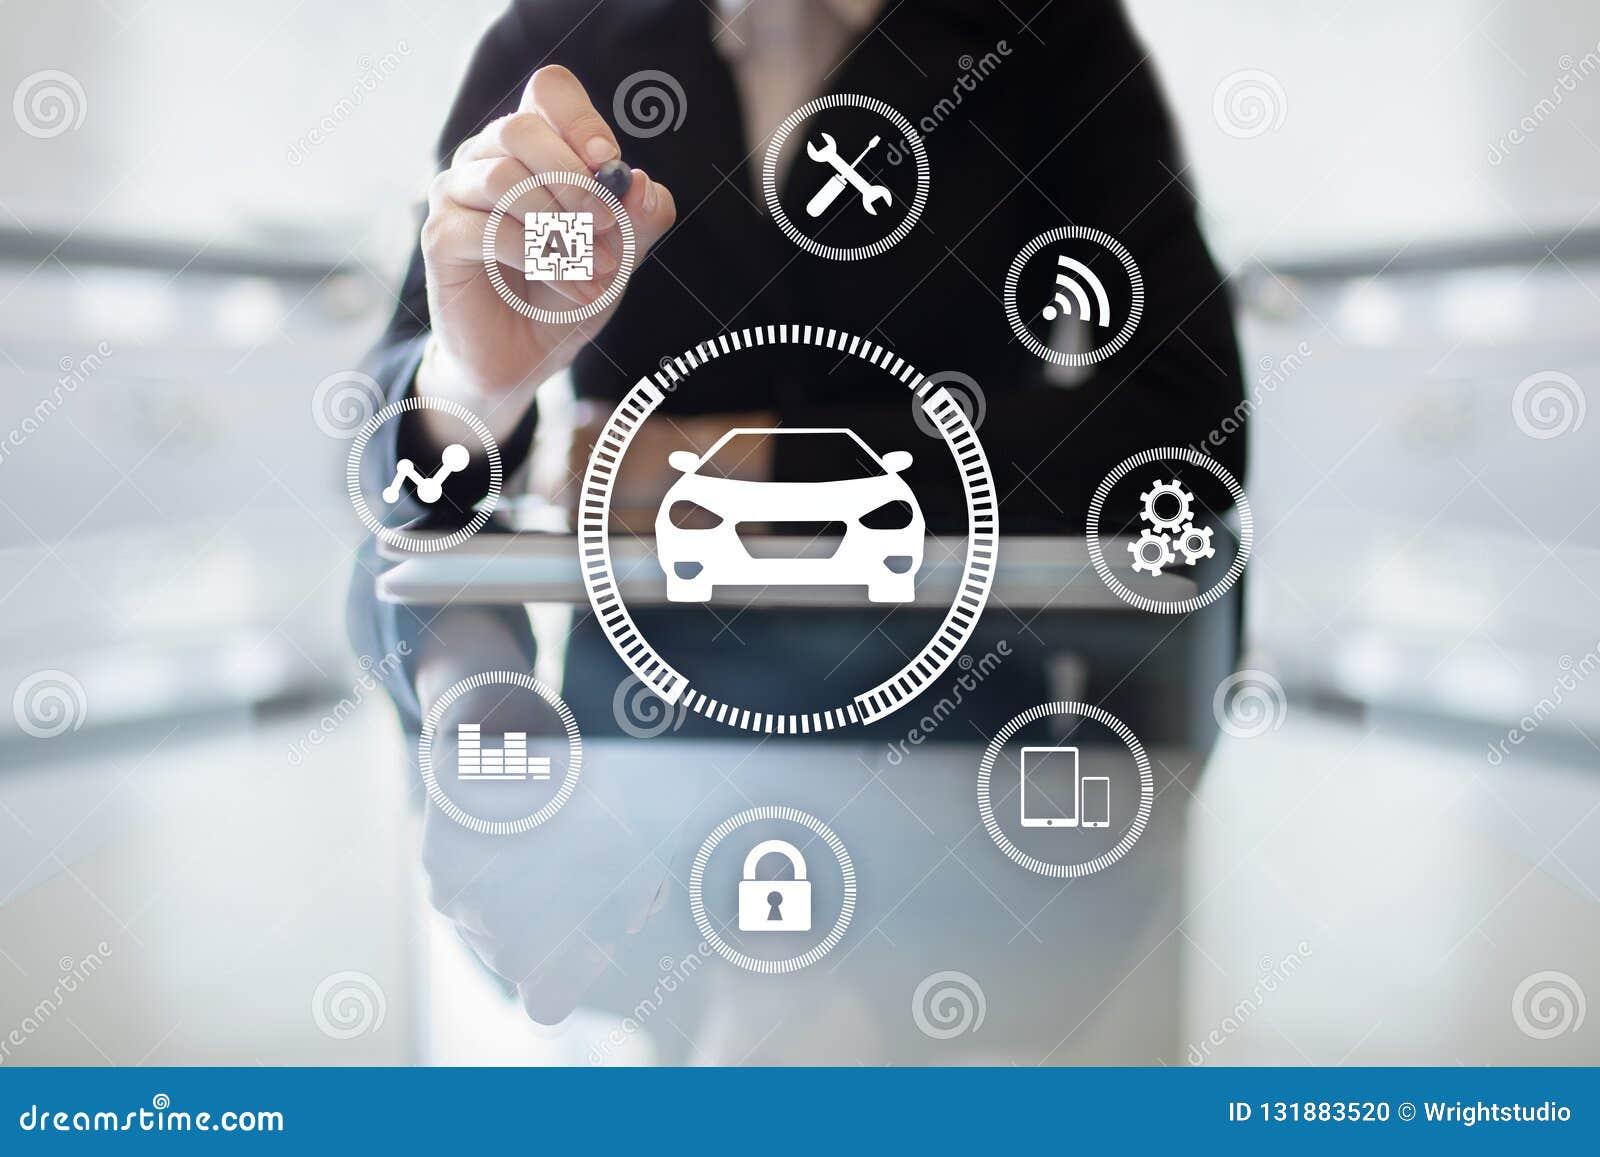 Voiture intelligente, véhicule d AI, carte à puce Symbole de la voiture et de l icône Communication sans fil moderne et concept d